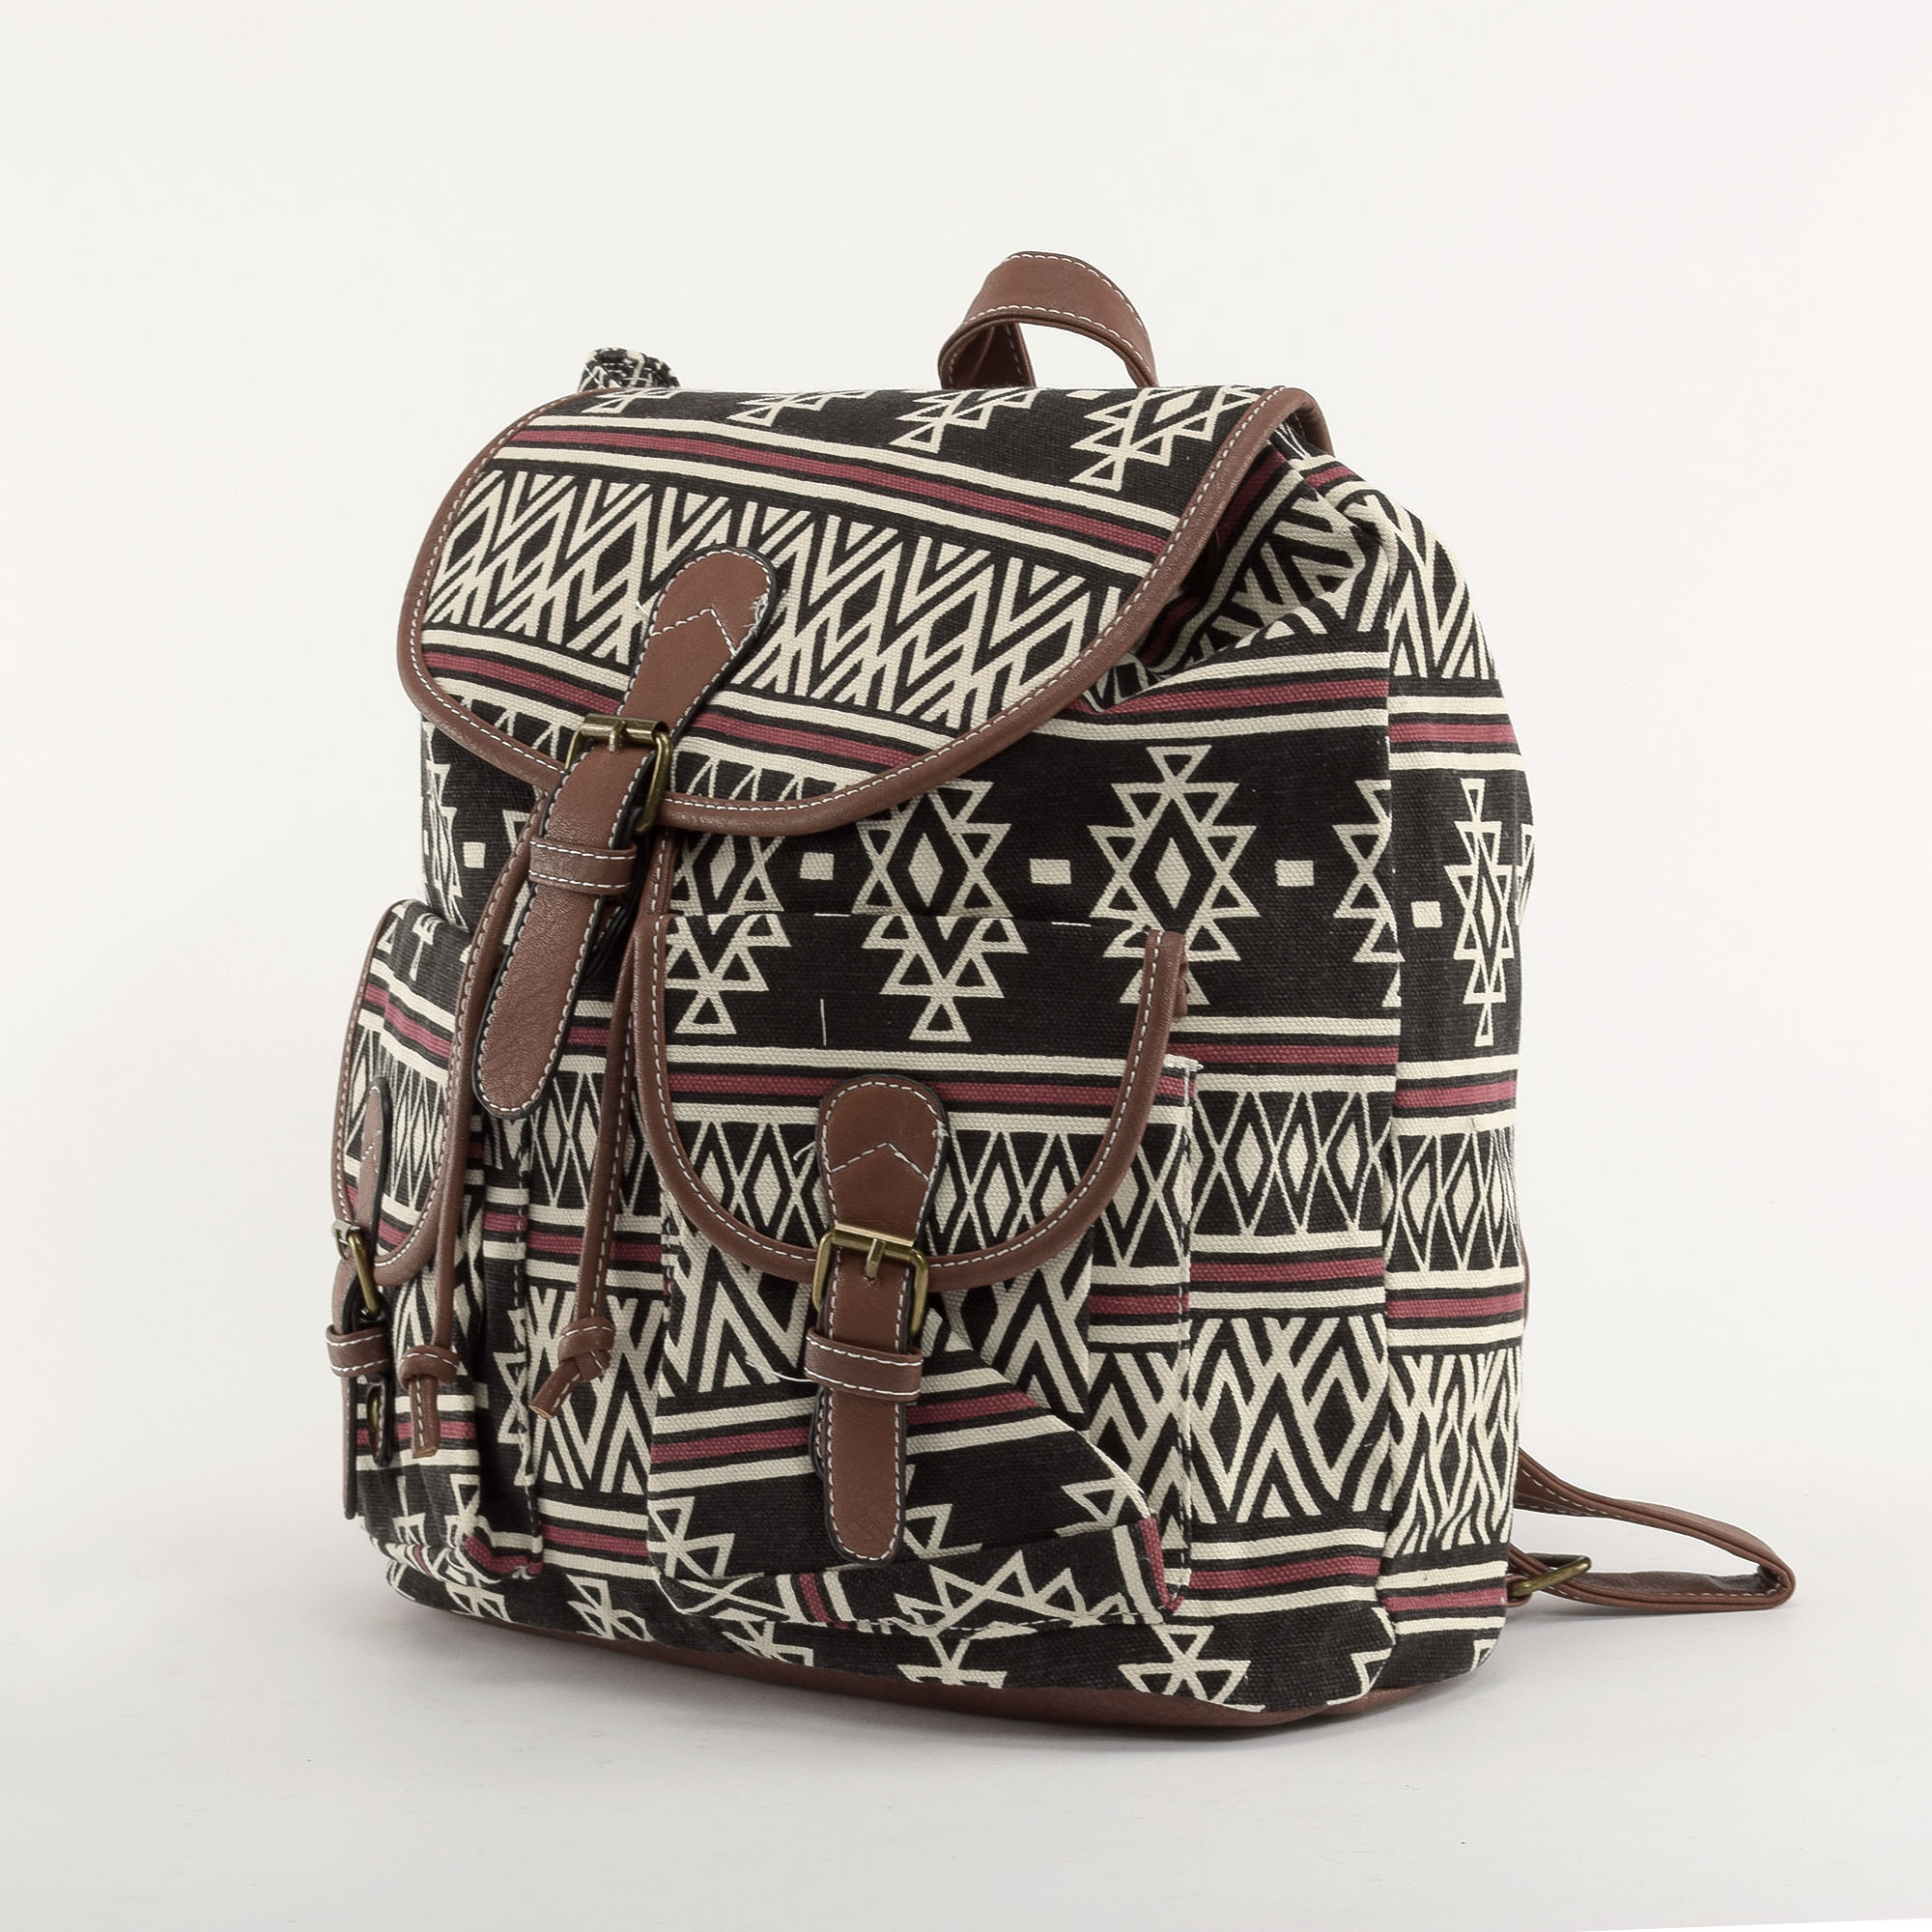 Női Barna Mintás Vászon Hátizsák - Vászon - Táska webáruház - Minőségi  táskák mindenkinek 398b8d9c70